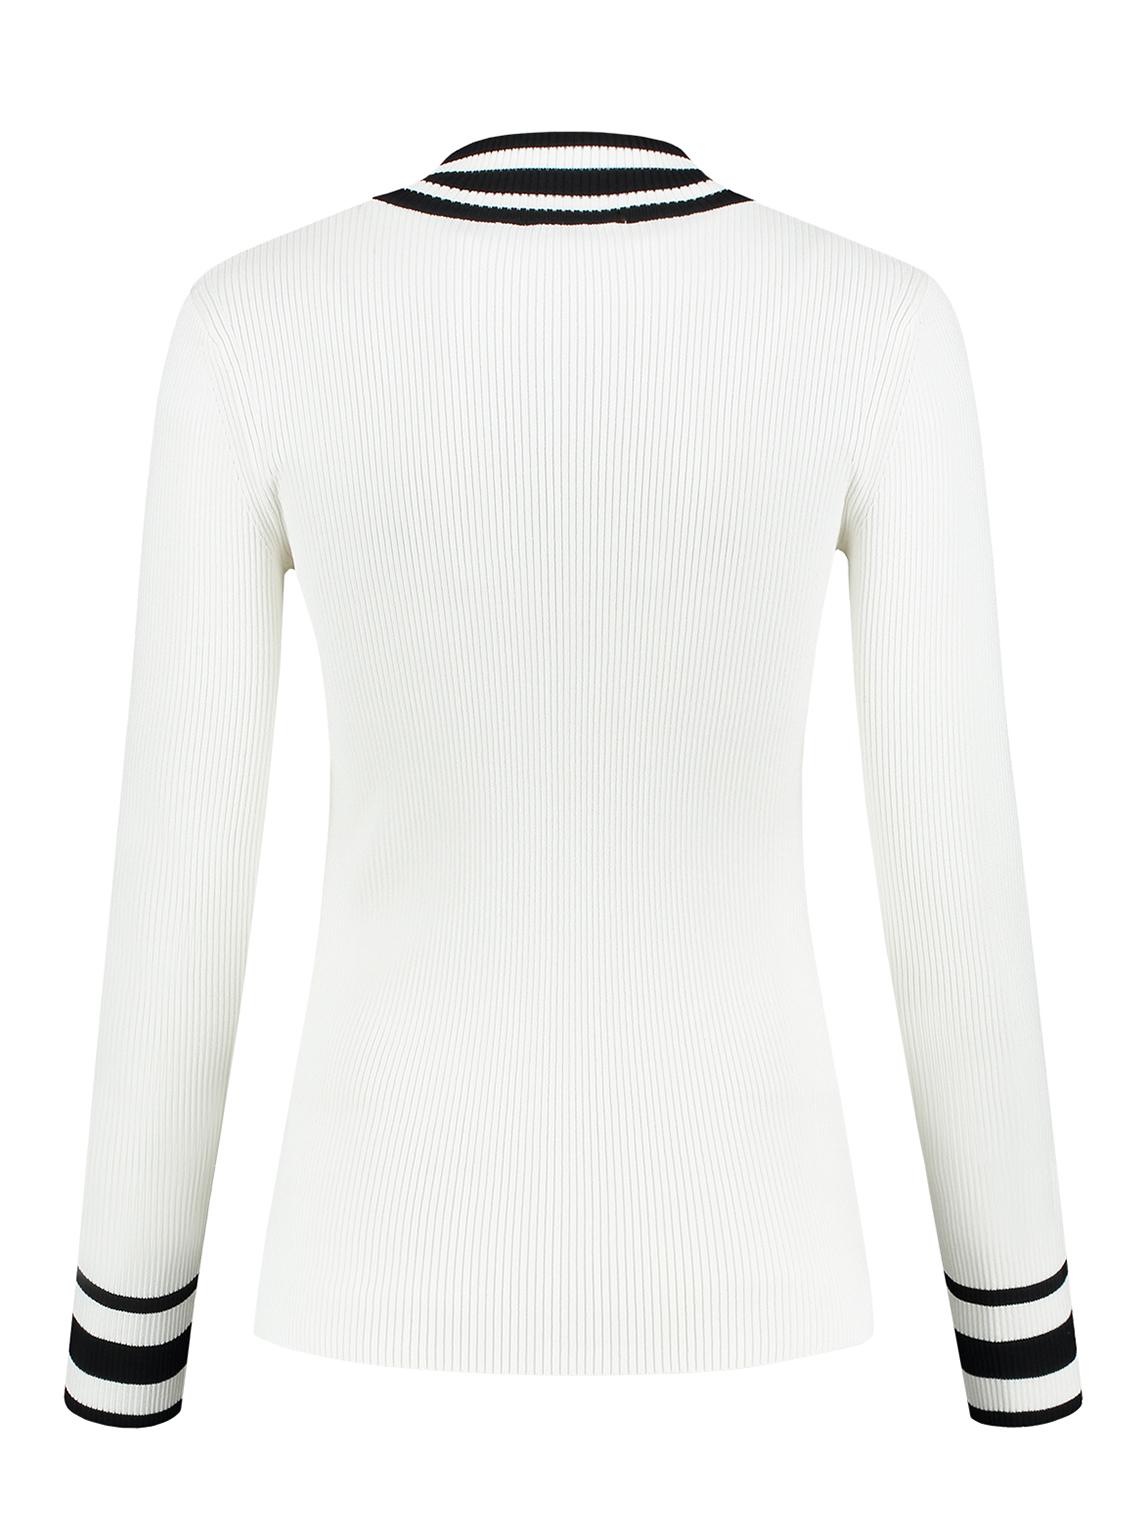 Zwarte Trui Met Witte Strepen.Sportique Zeewolde Dames Witte Trui Met Zwarte Rits Nikkie